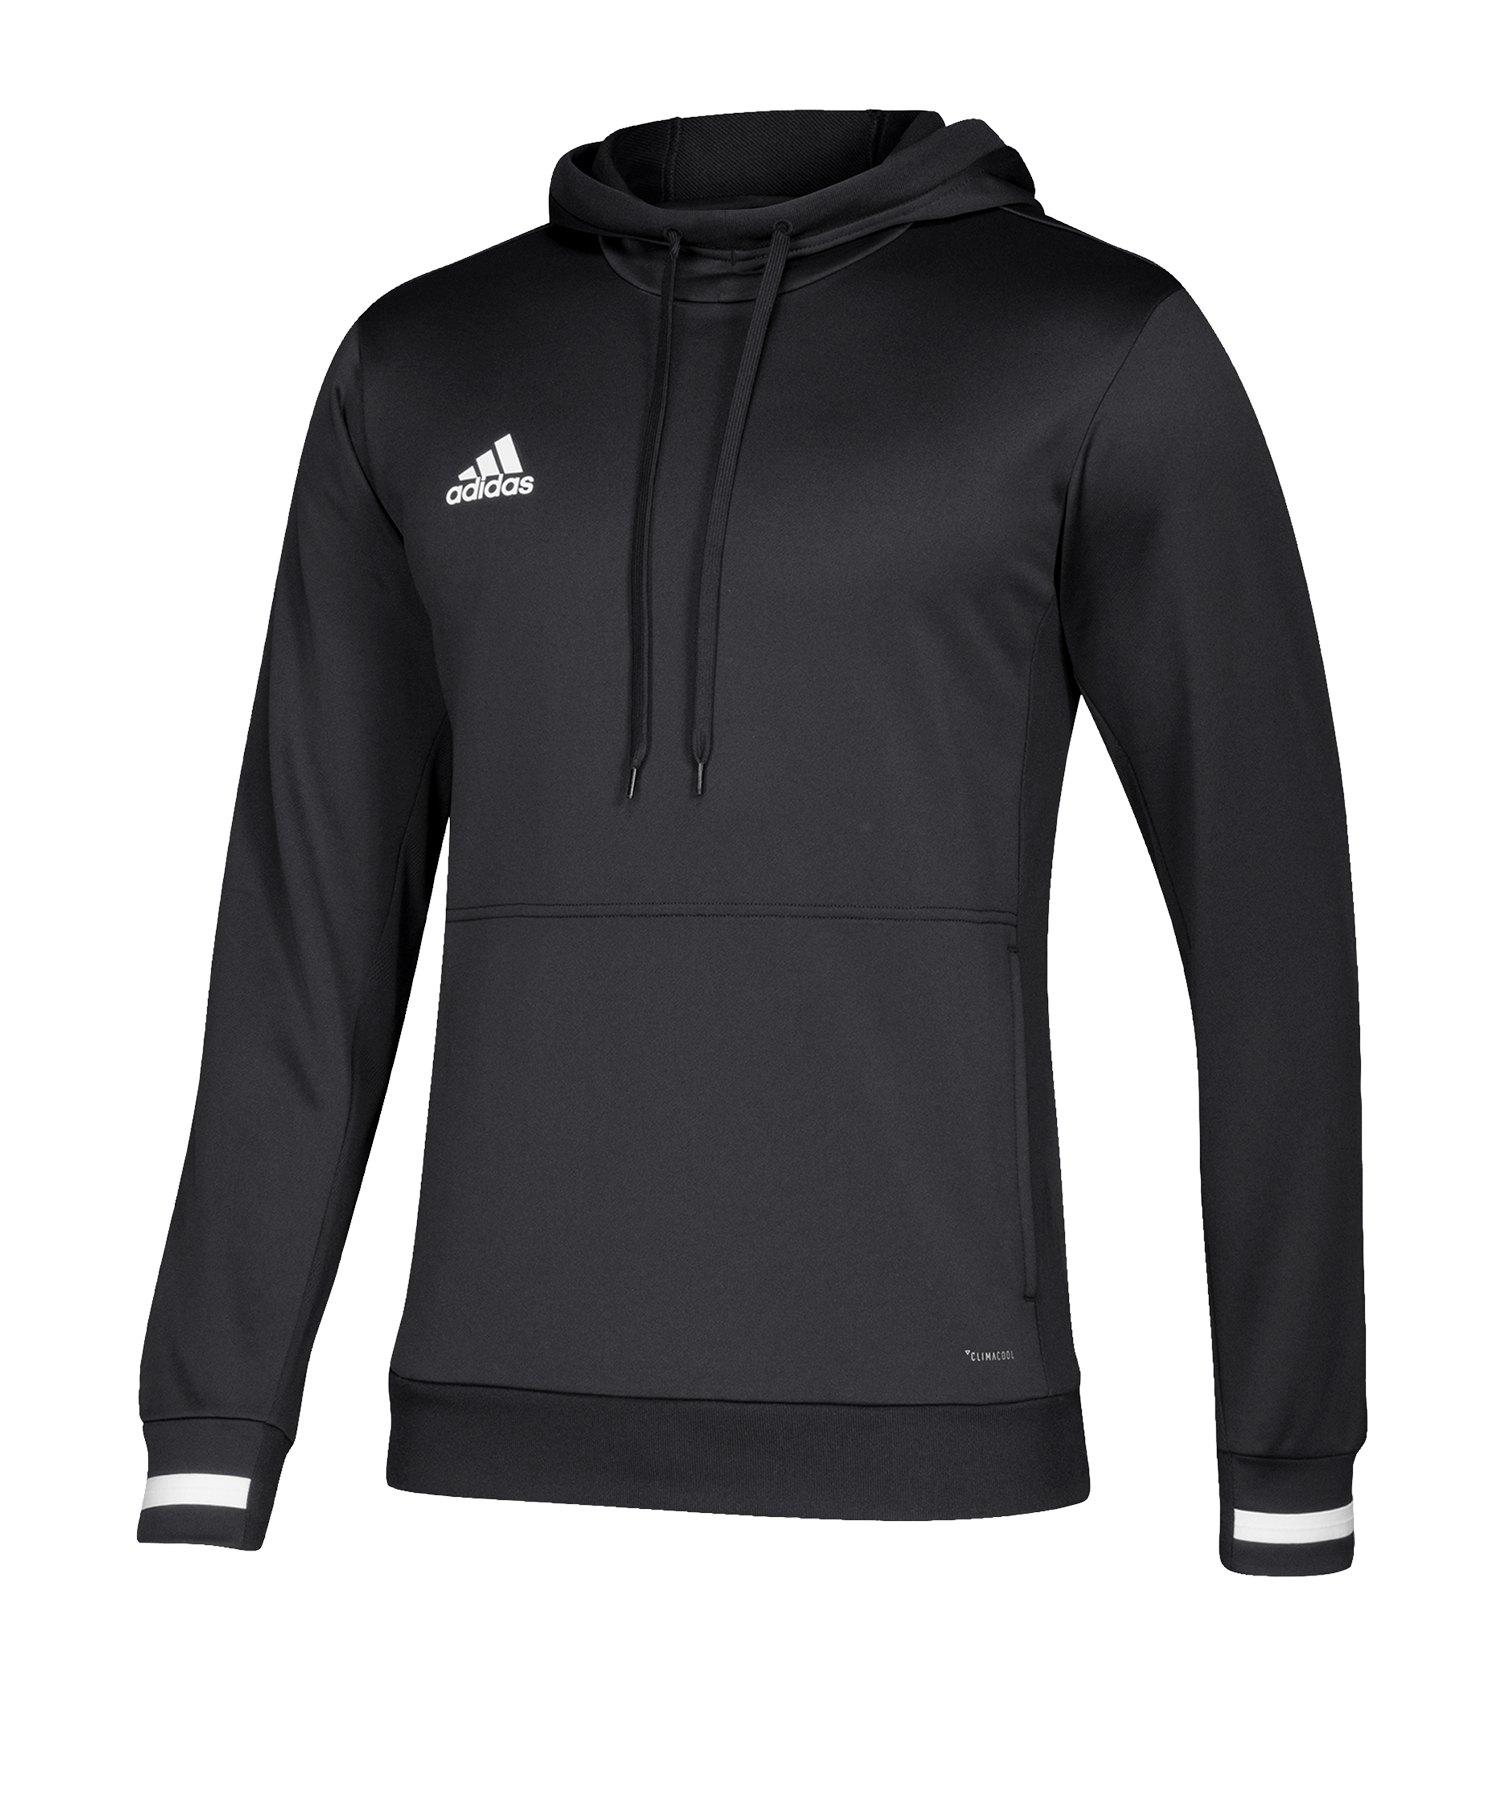 adidas Team 19 Kapuzensweatshirt Schwarz Weiss - schwarz